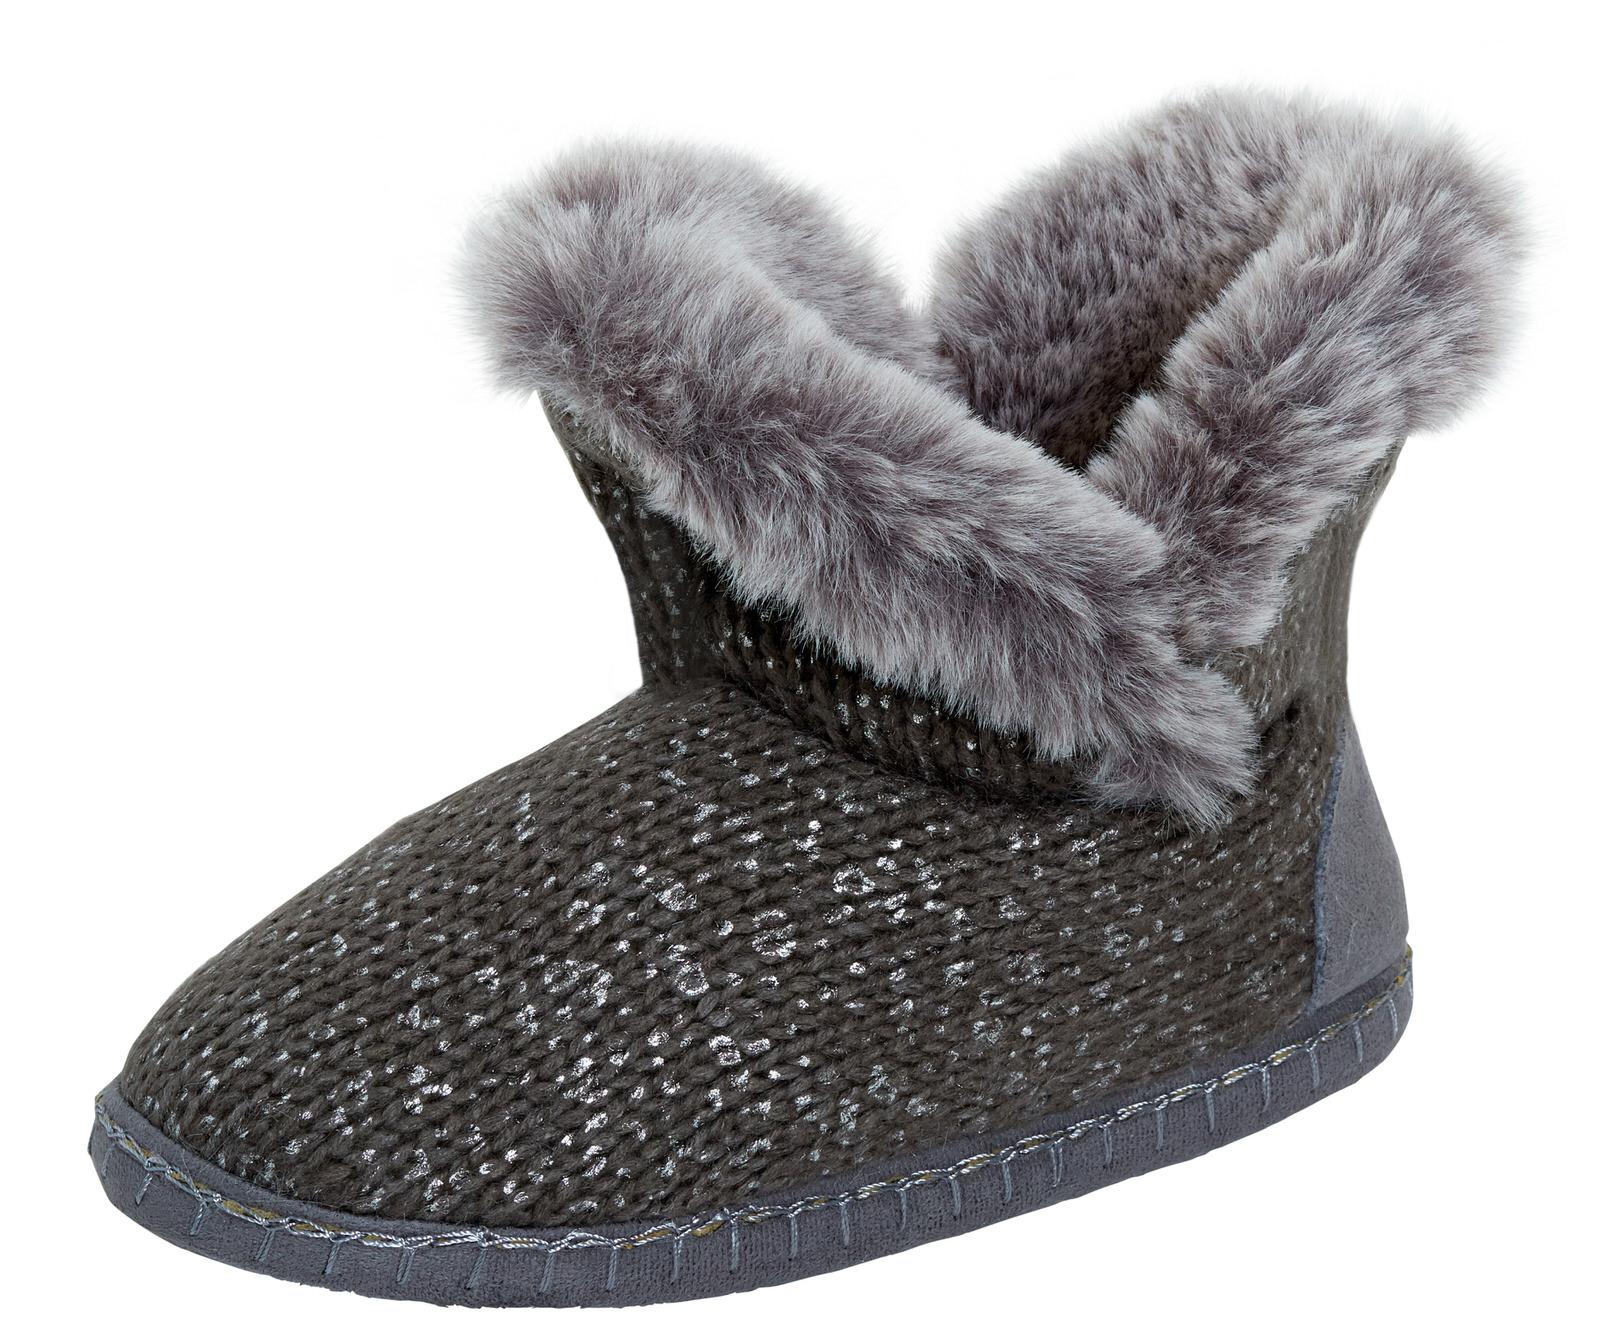 Womens Faux Fur Lined Grey Slipper